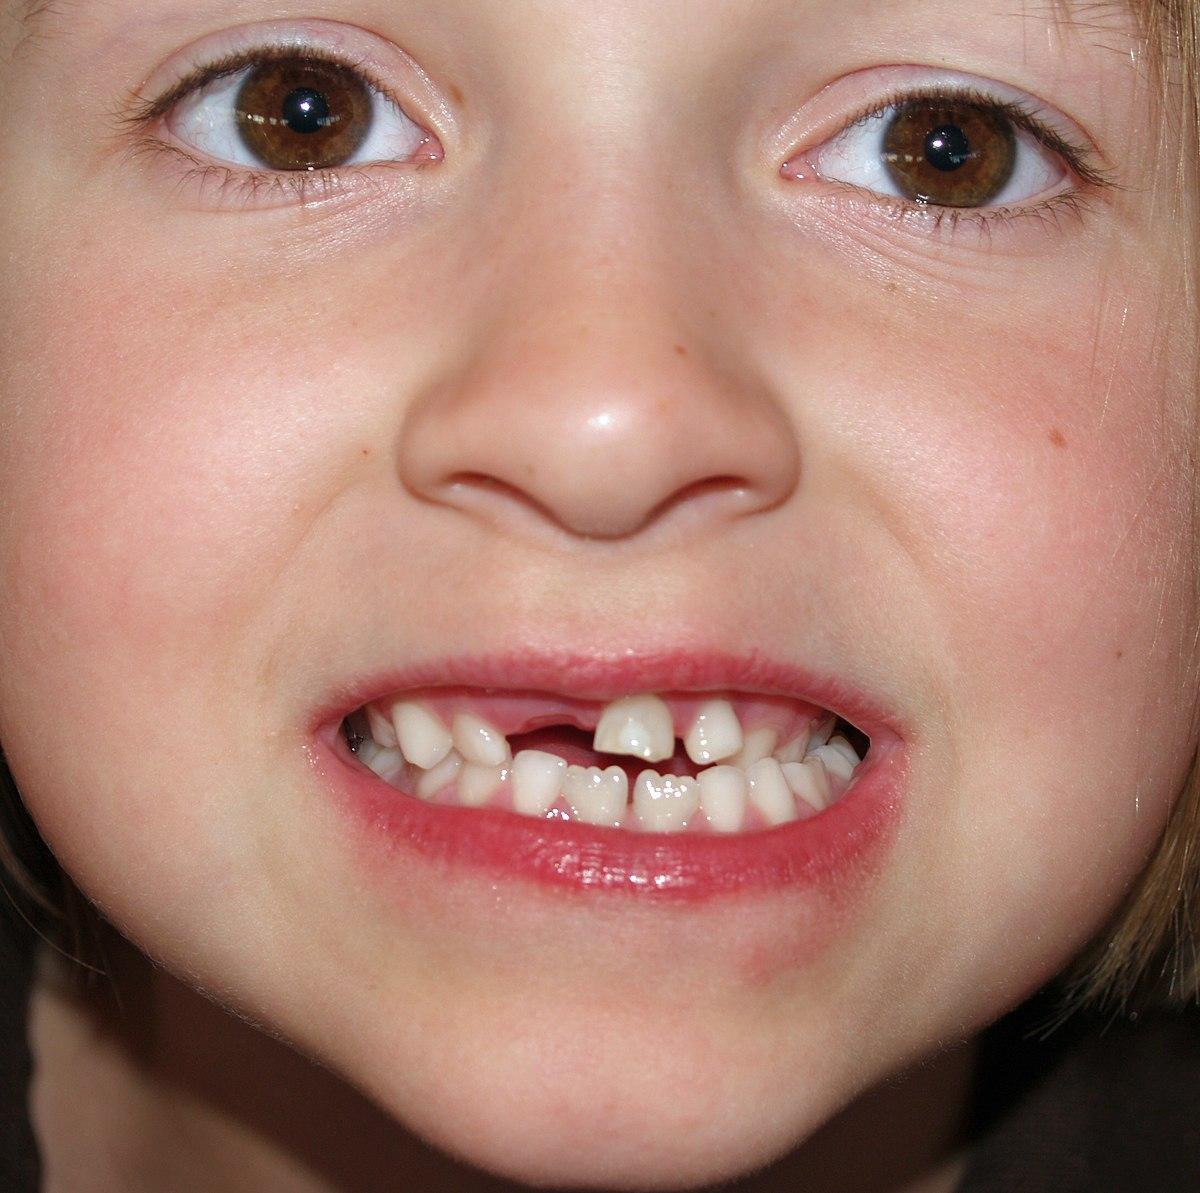 Нижние зубы у детей фото десен